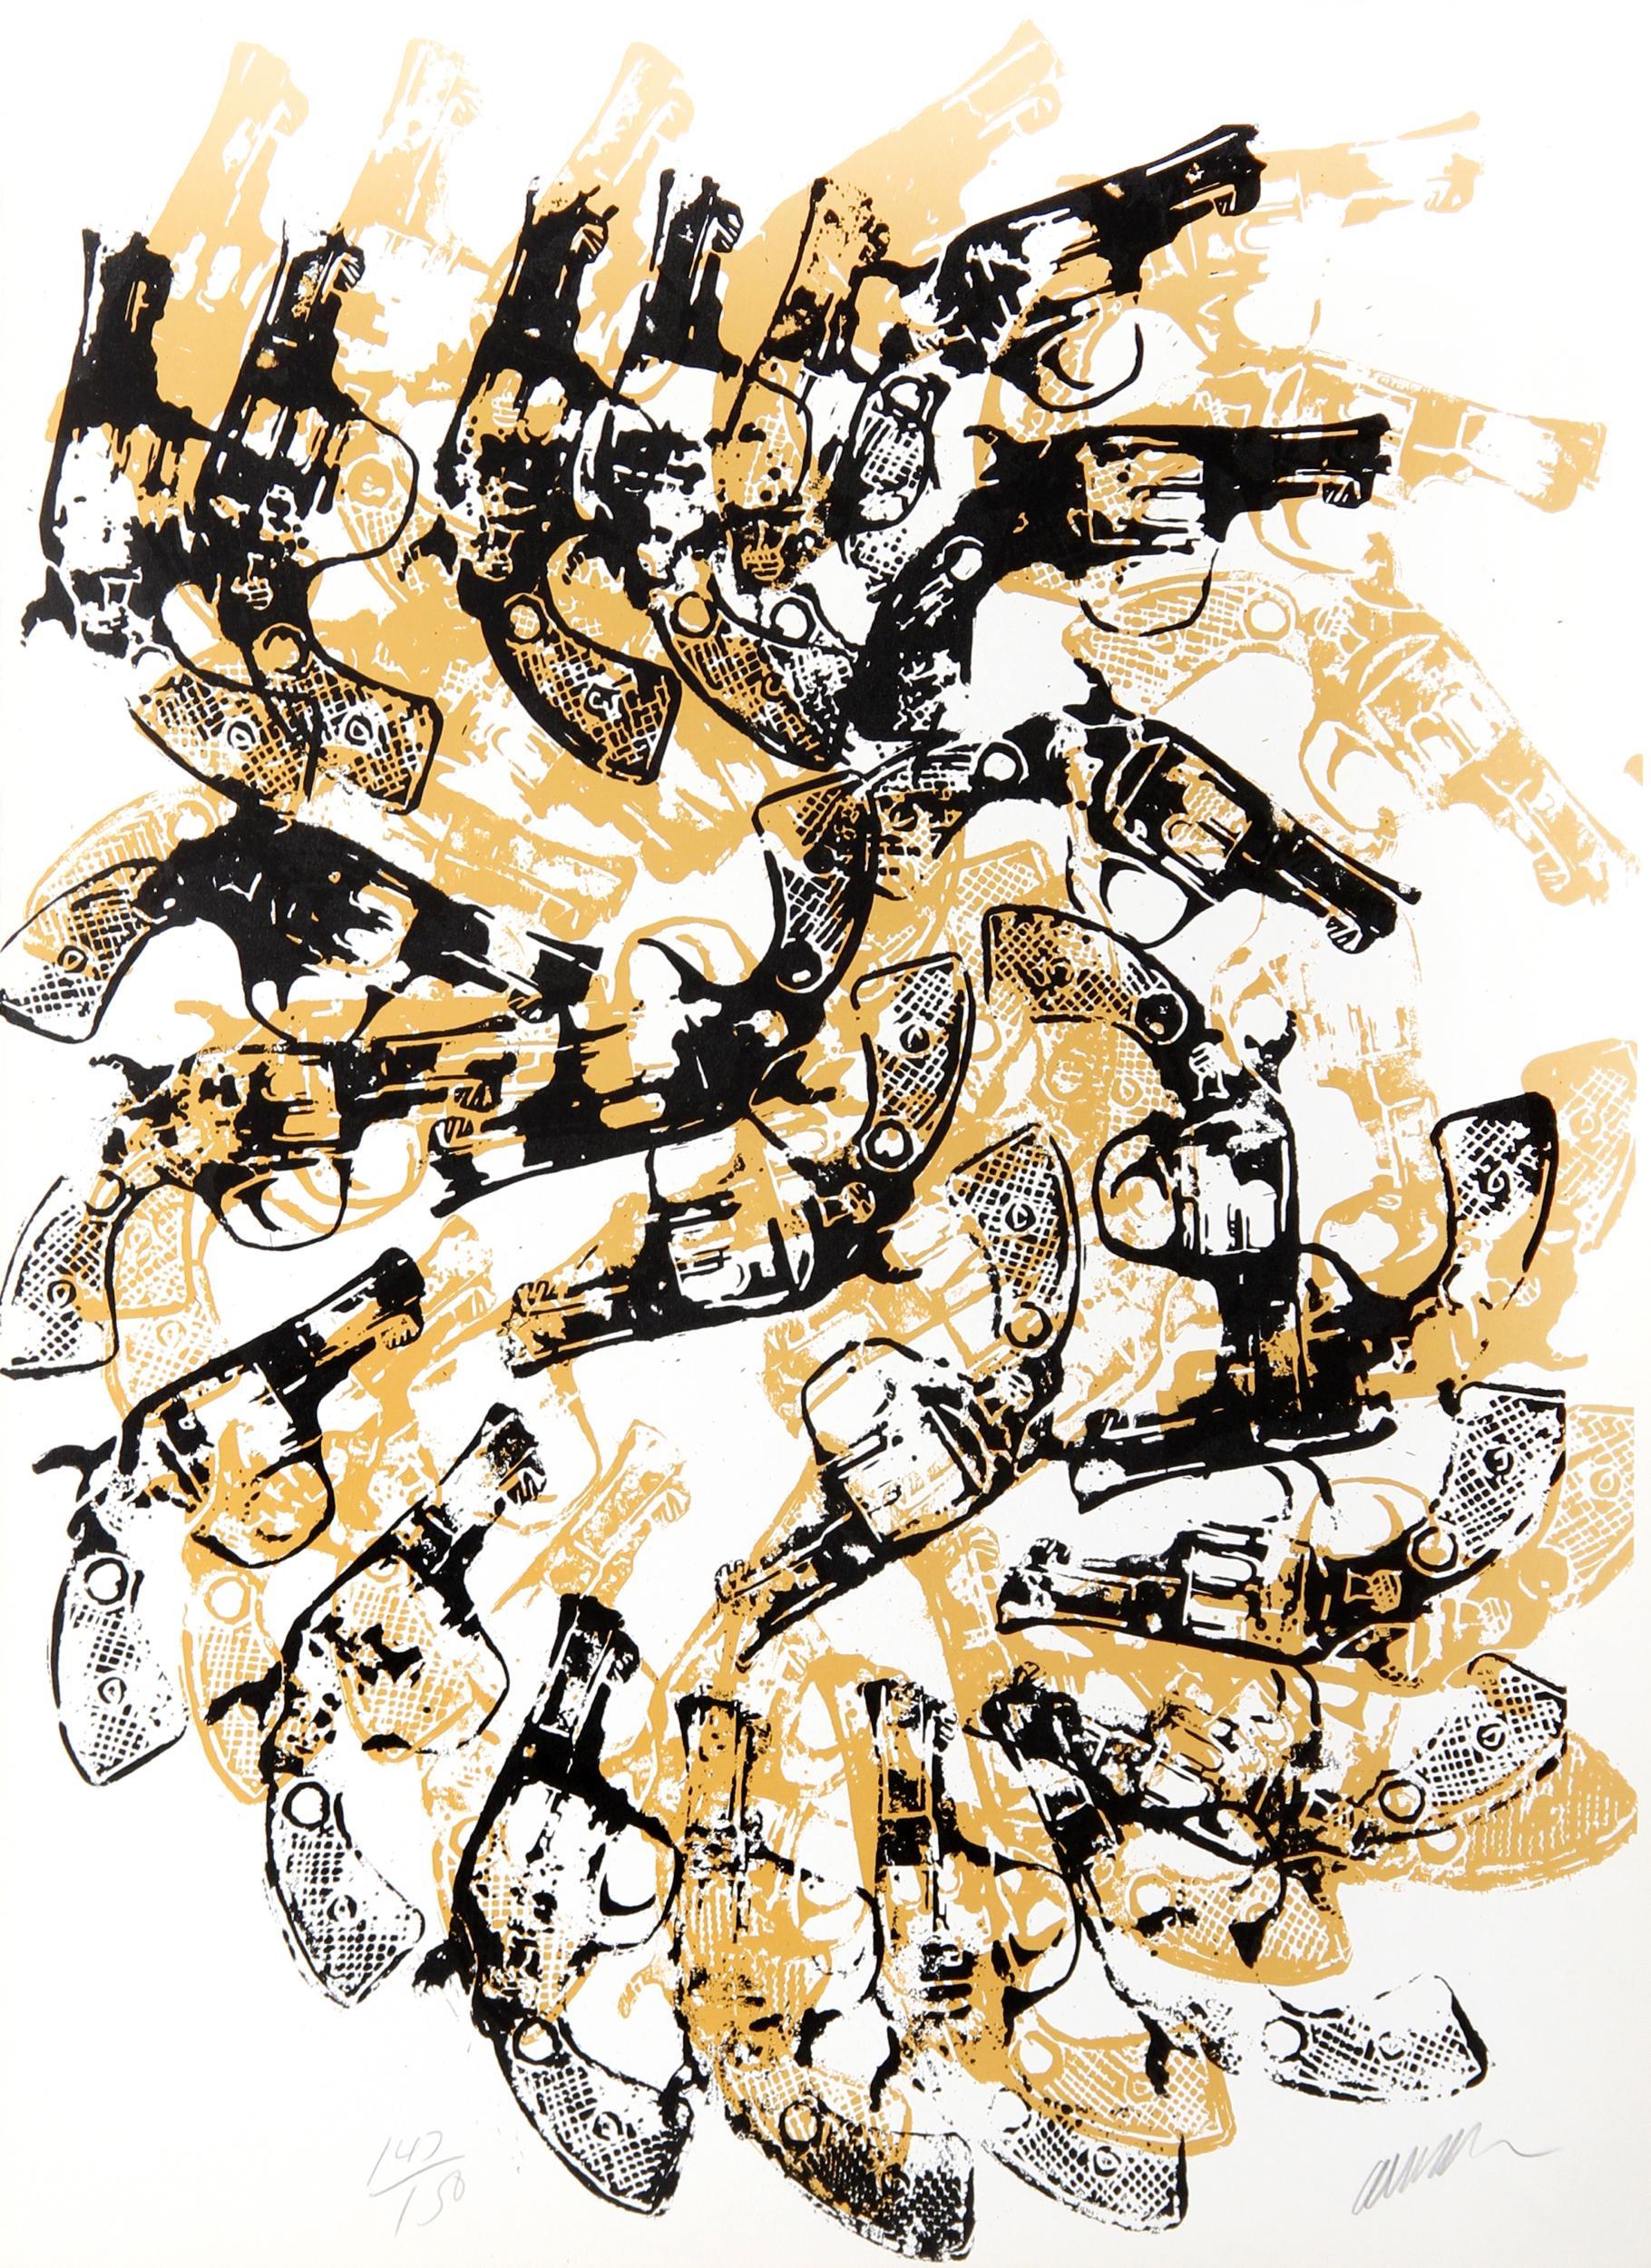 Arman, Yang and Bang, Serigraph